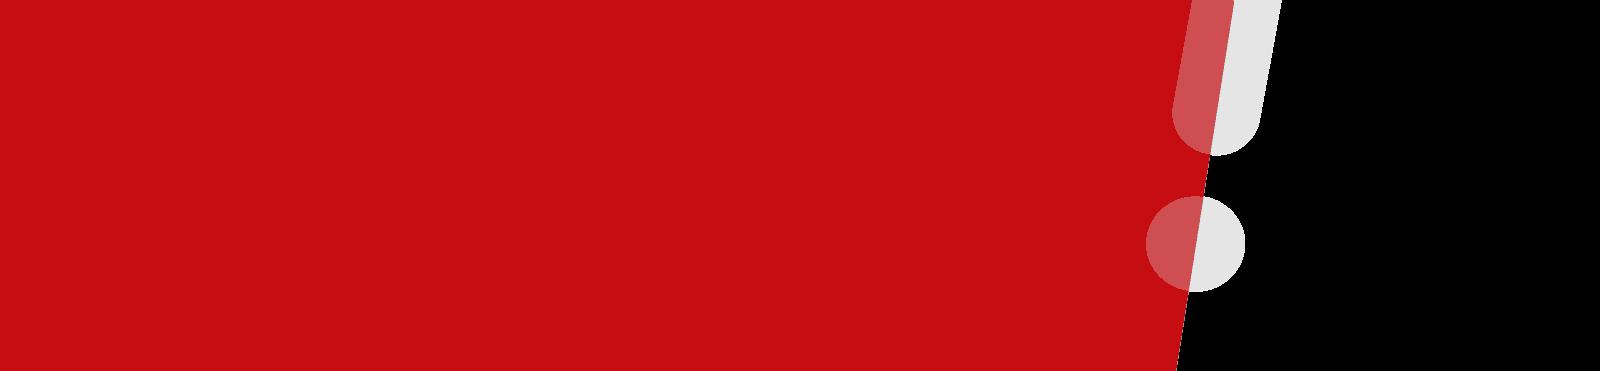 bg-inhalt-red-check